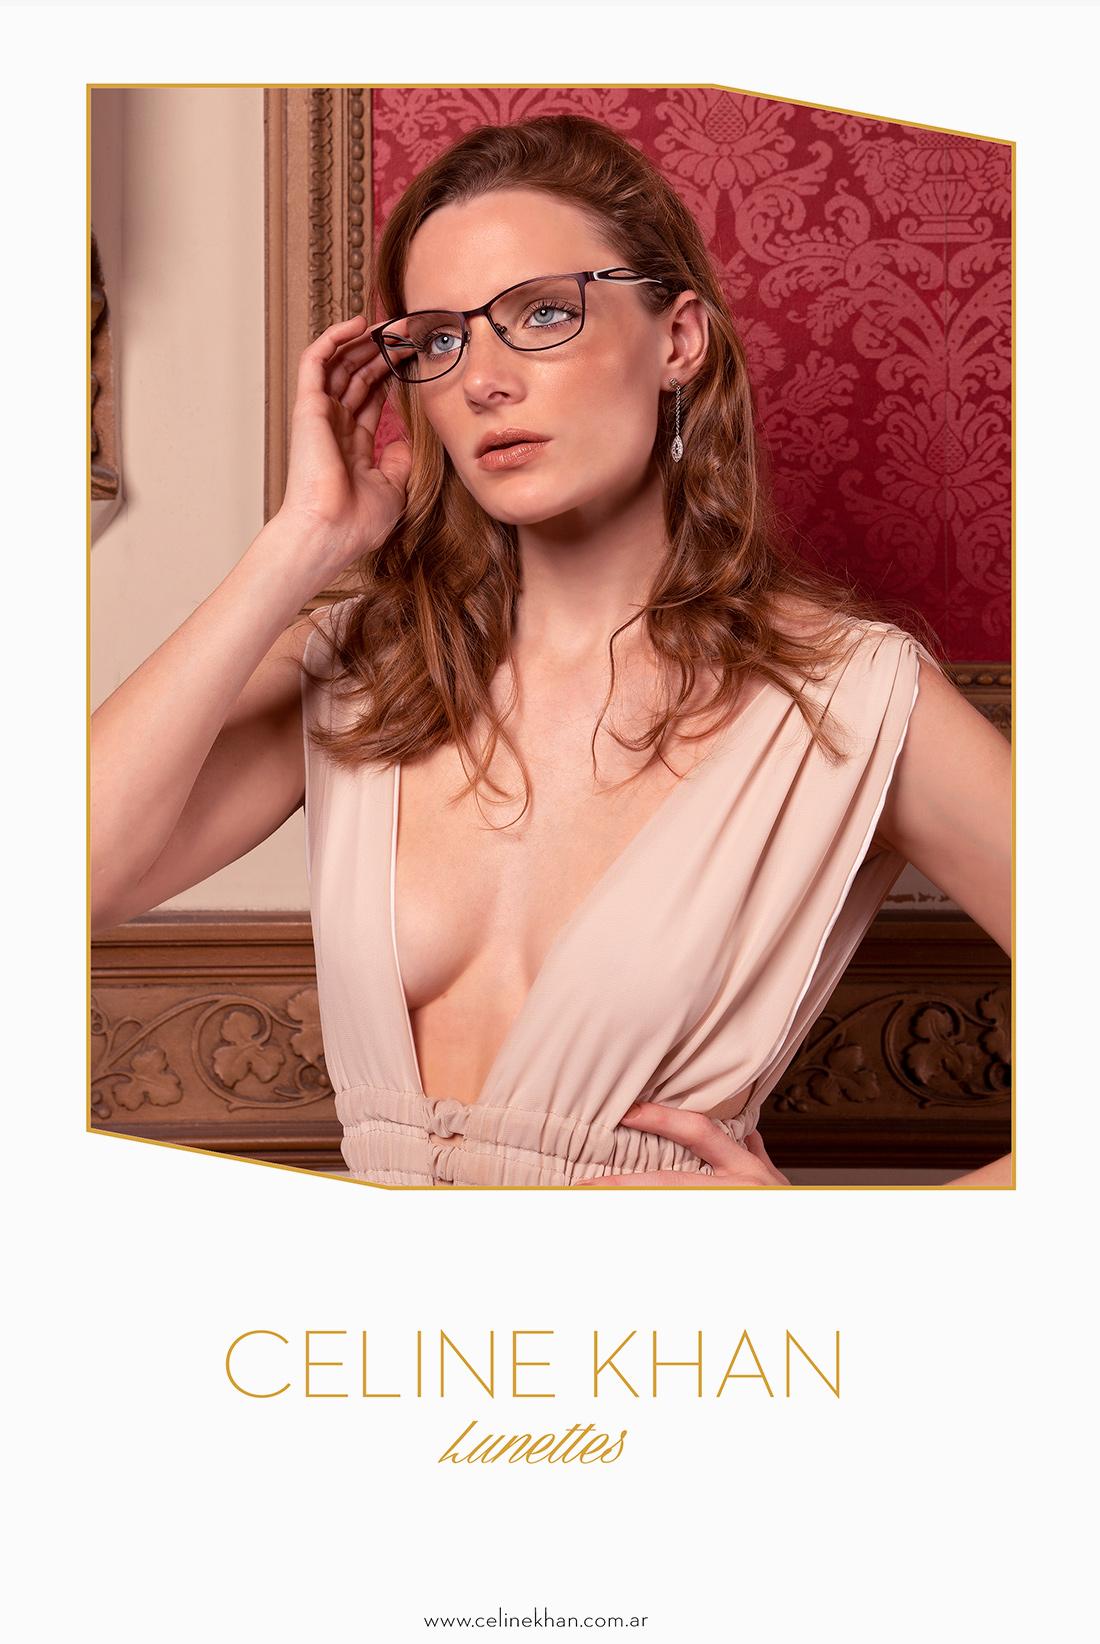 Celine Khan 2018